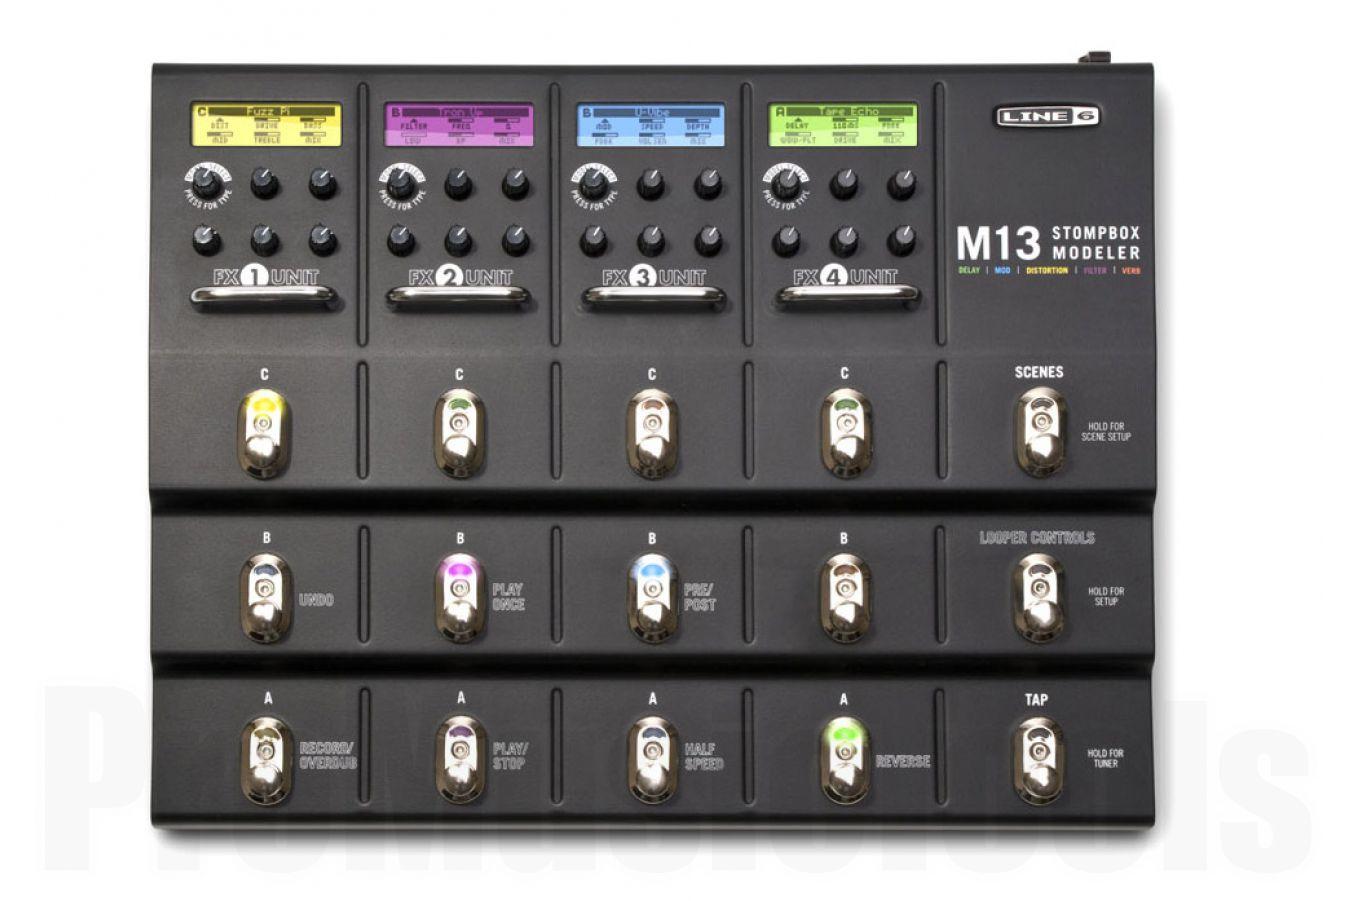 Line6 M13 Stompbox Modeler